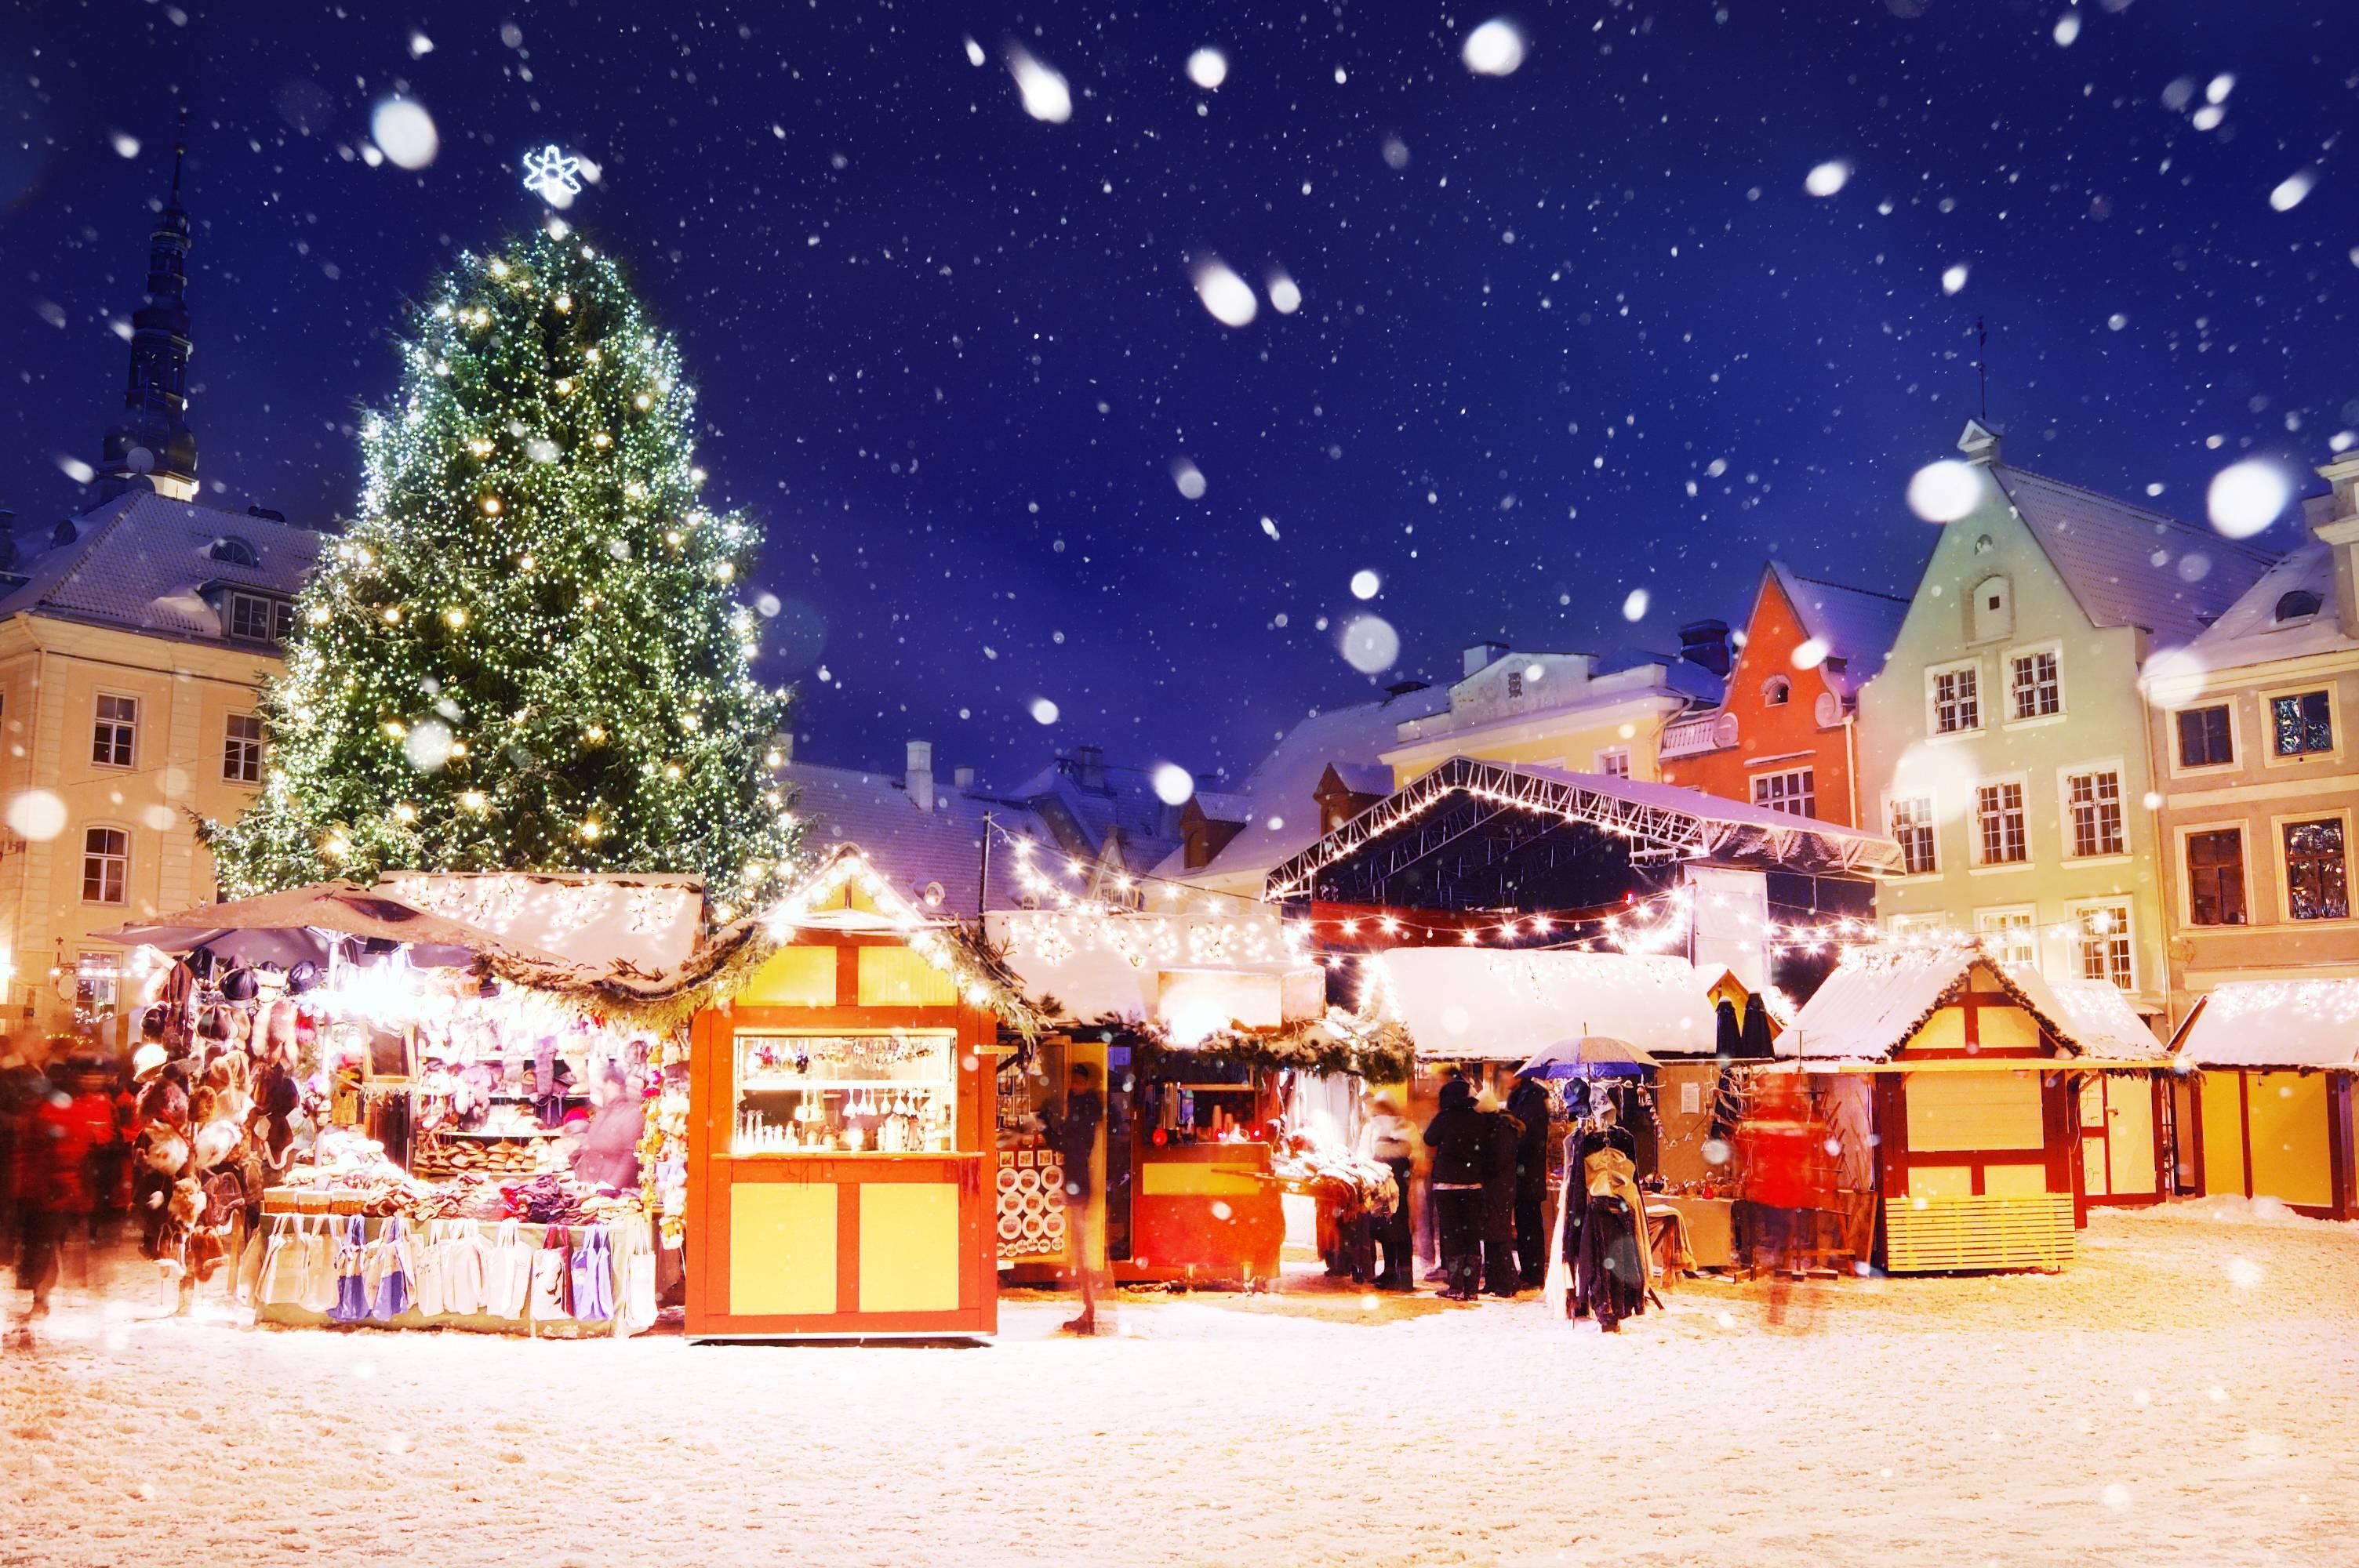 http://www.estravel.ee/wp-content/uploads/2014/12/joulud_eesti.jpg